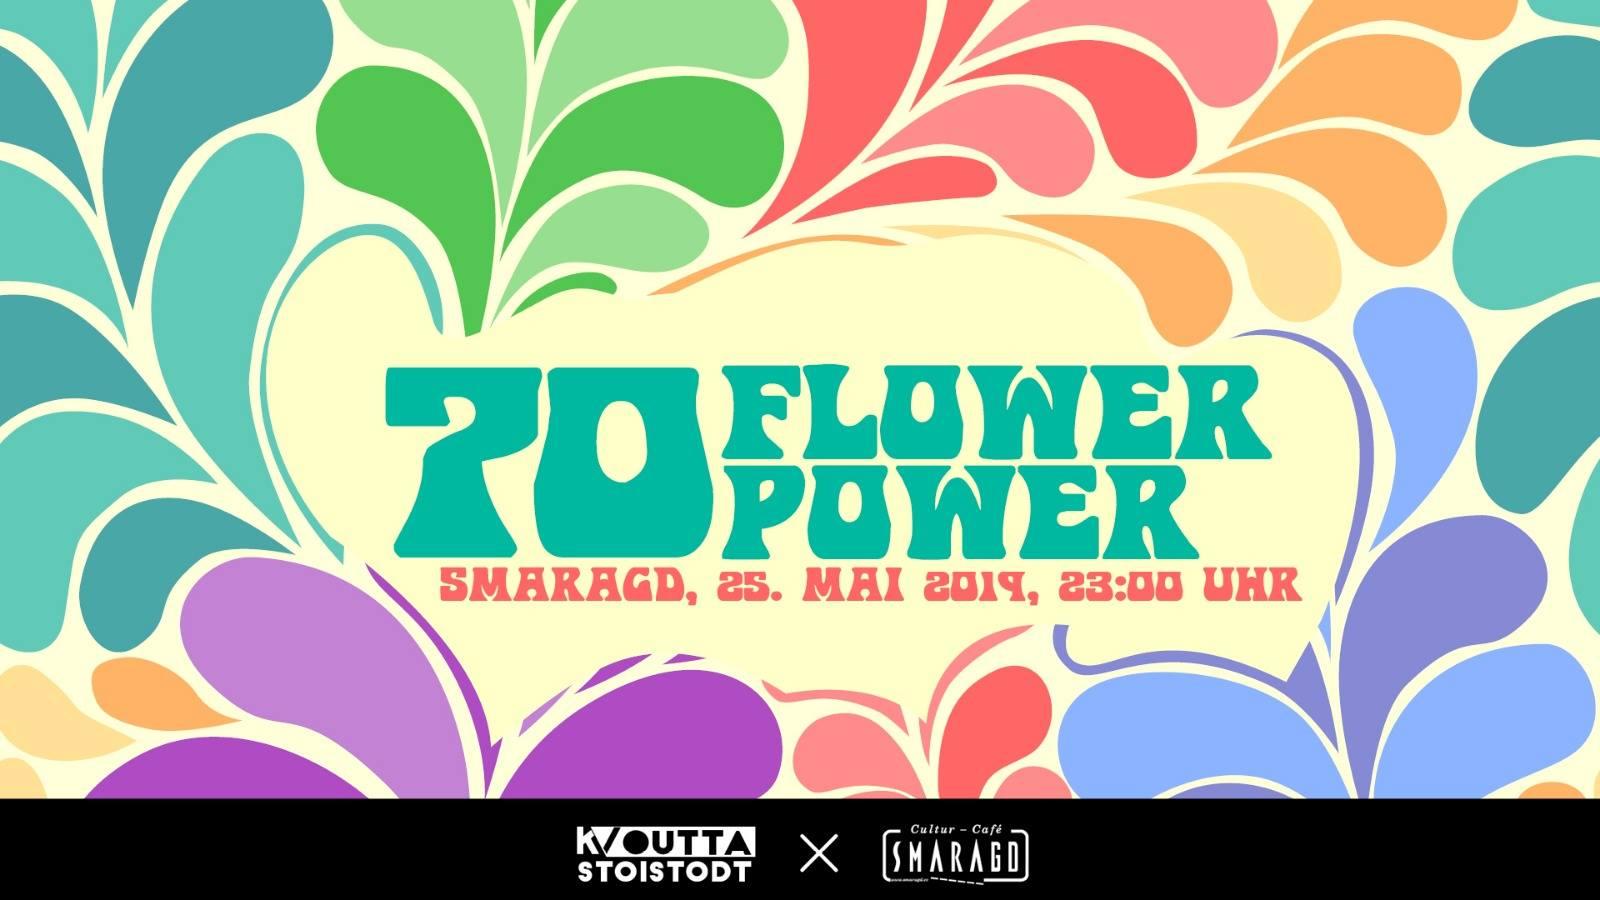 ccsmaragd-linz-flowerpowerparty